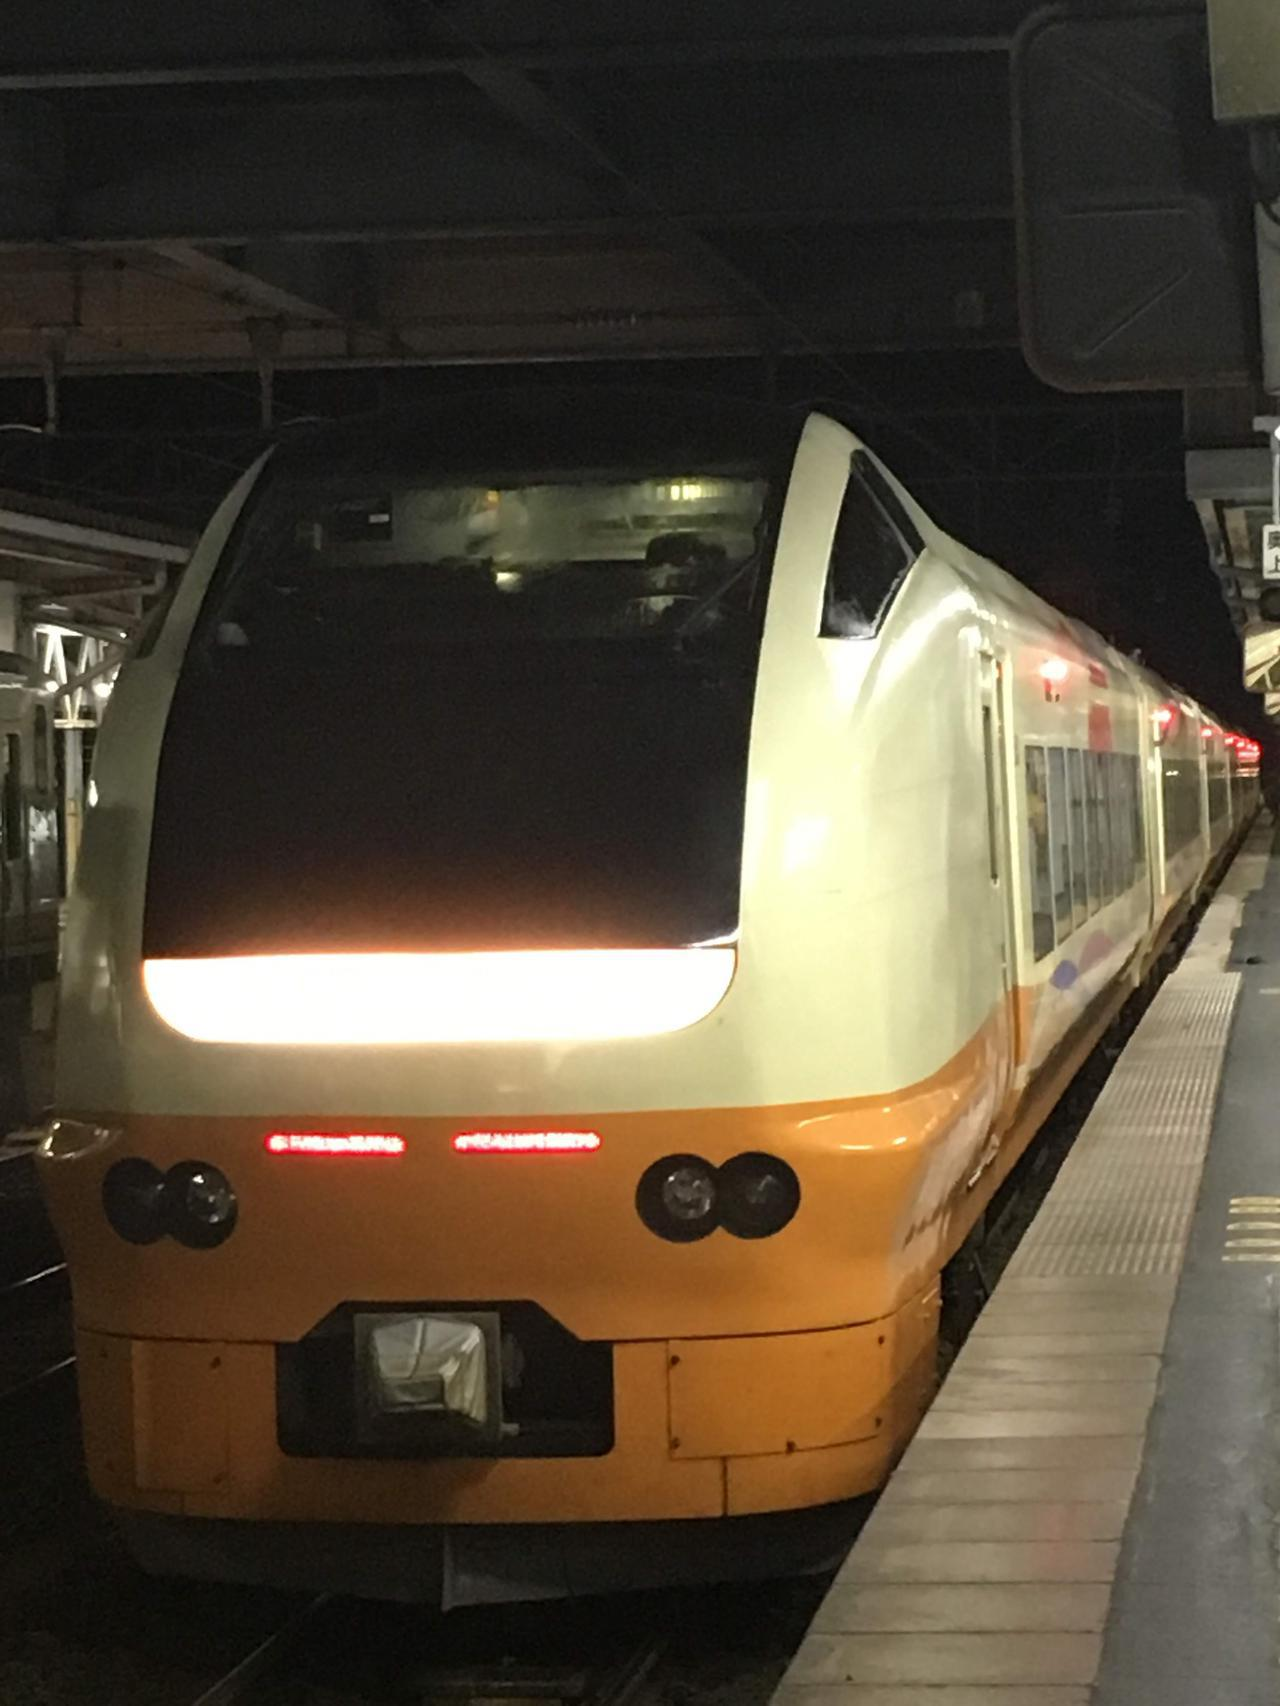 画像: 上越地方の大雨により行程が大幅に変更。新幹線を鉄道部が初めて利用したツアー「ナマハゲロック号」/大塚雅士撮影